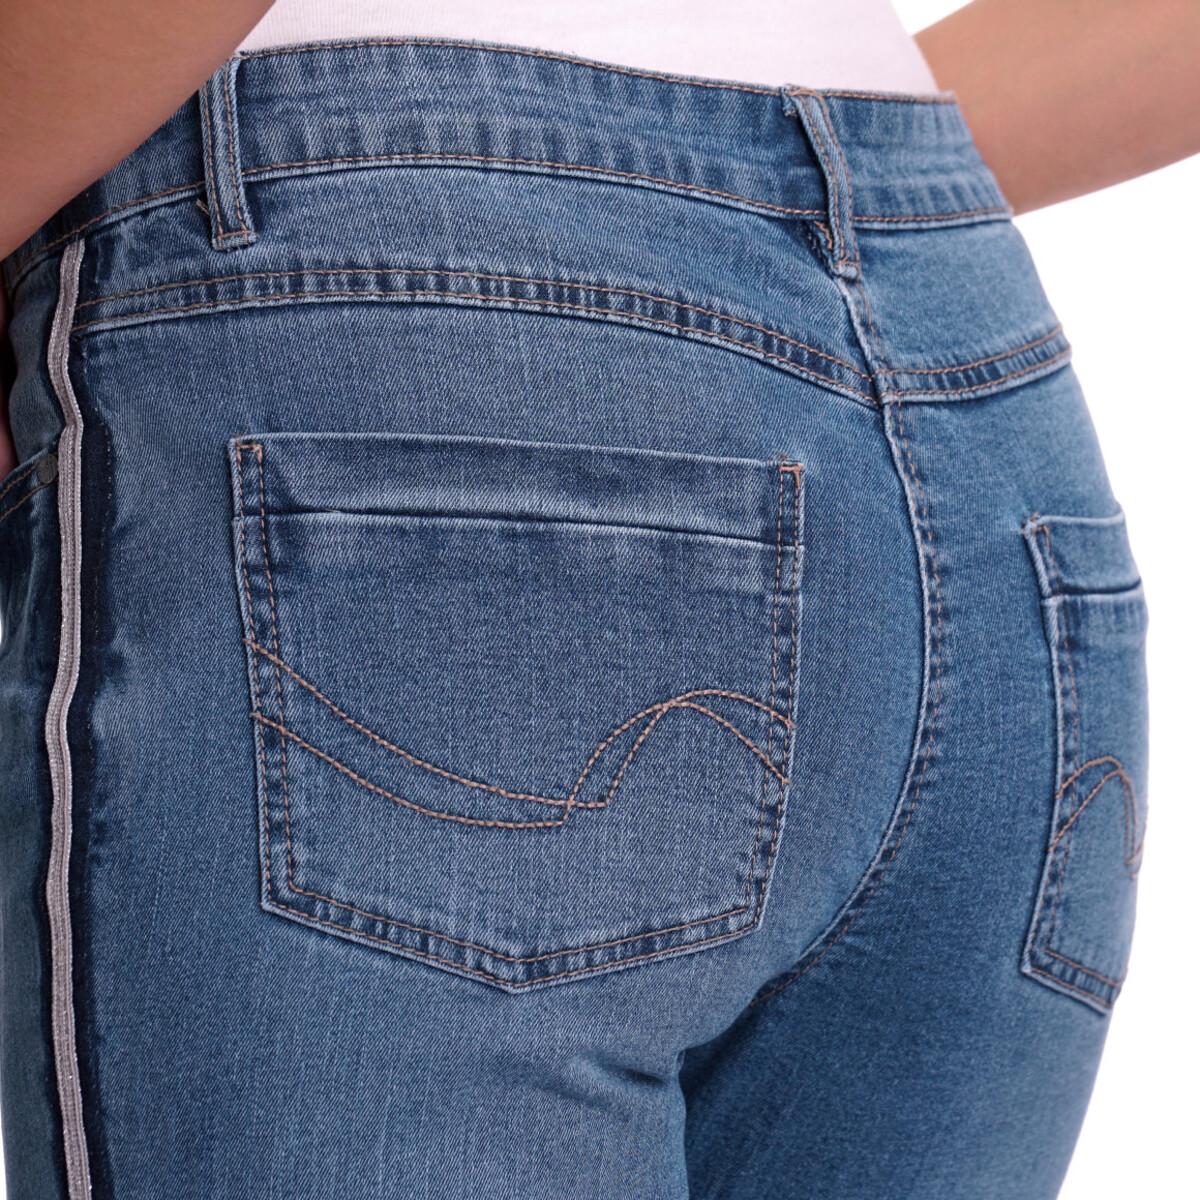 Bild 5 von Damen Slim-Jeans mit Knopfleiste